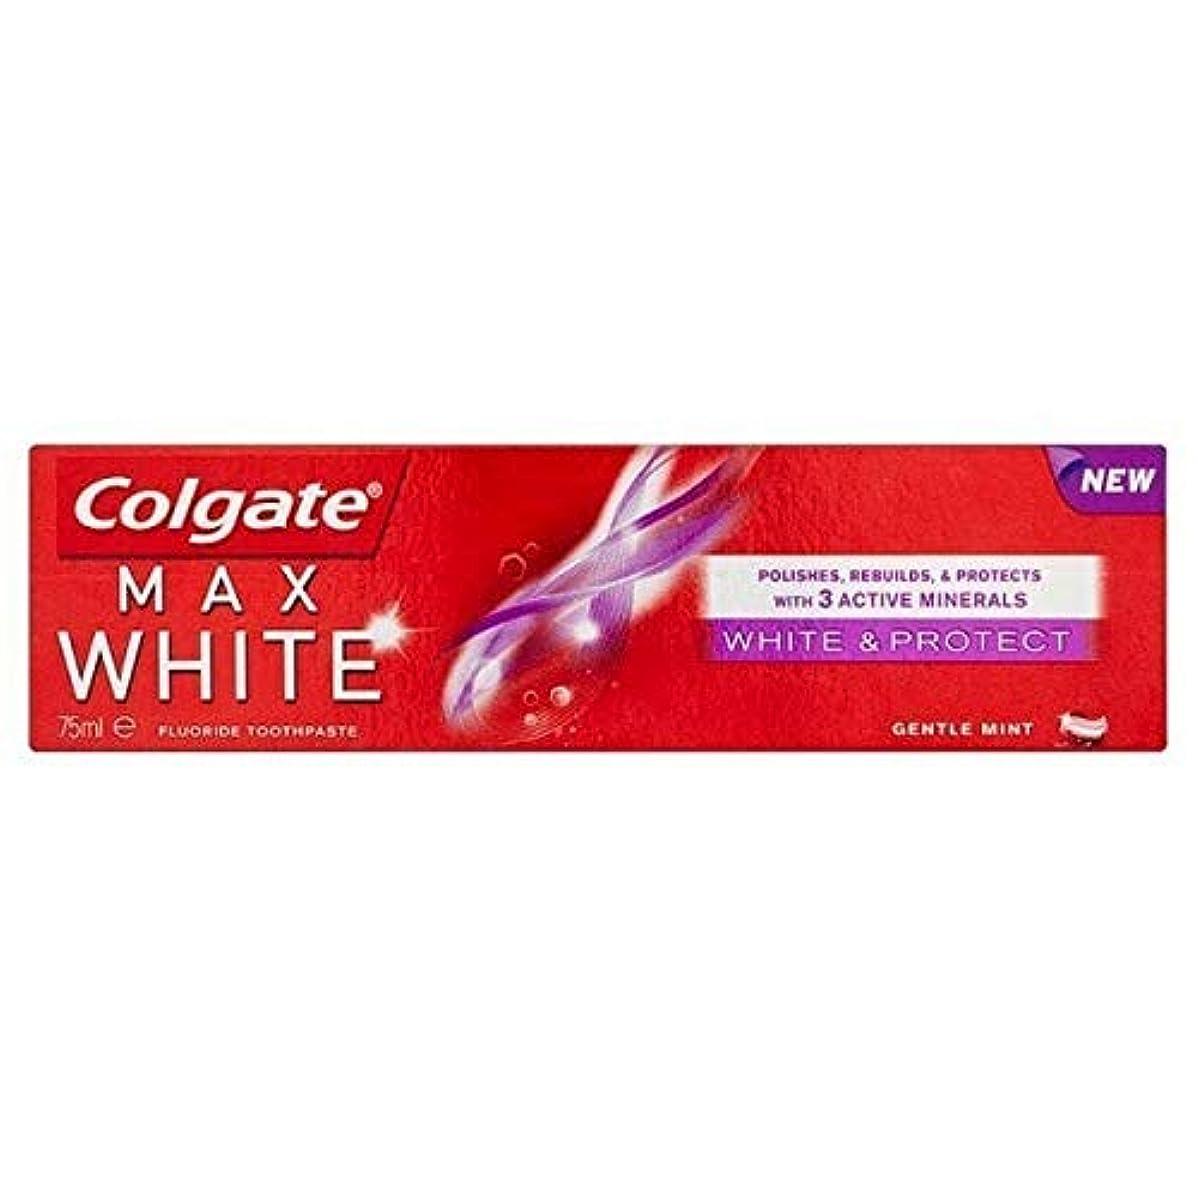 折り目トラップ踊り子[Colgate ] コルゲートマックスホワイトホワイトニング&歯磨き粉75ミリリットルを保護 - Colgate Max White Whitening & Protect Toothpaste 75ml [並行輸入品]